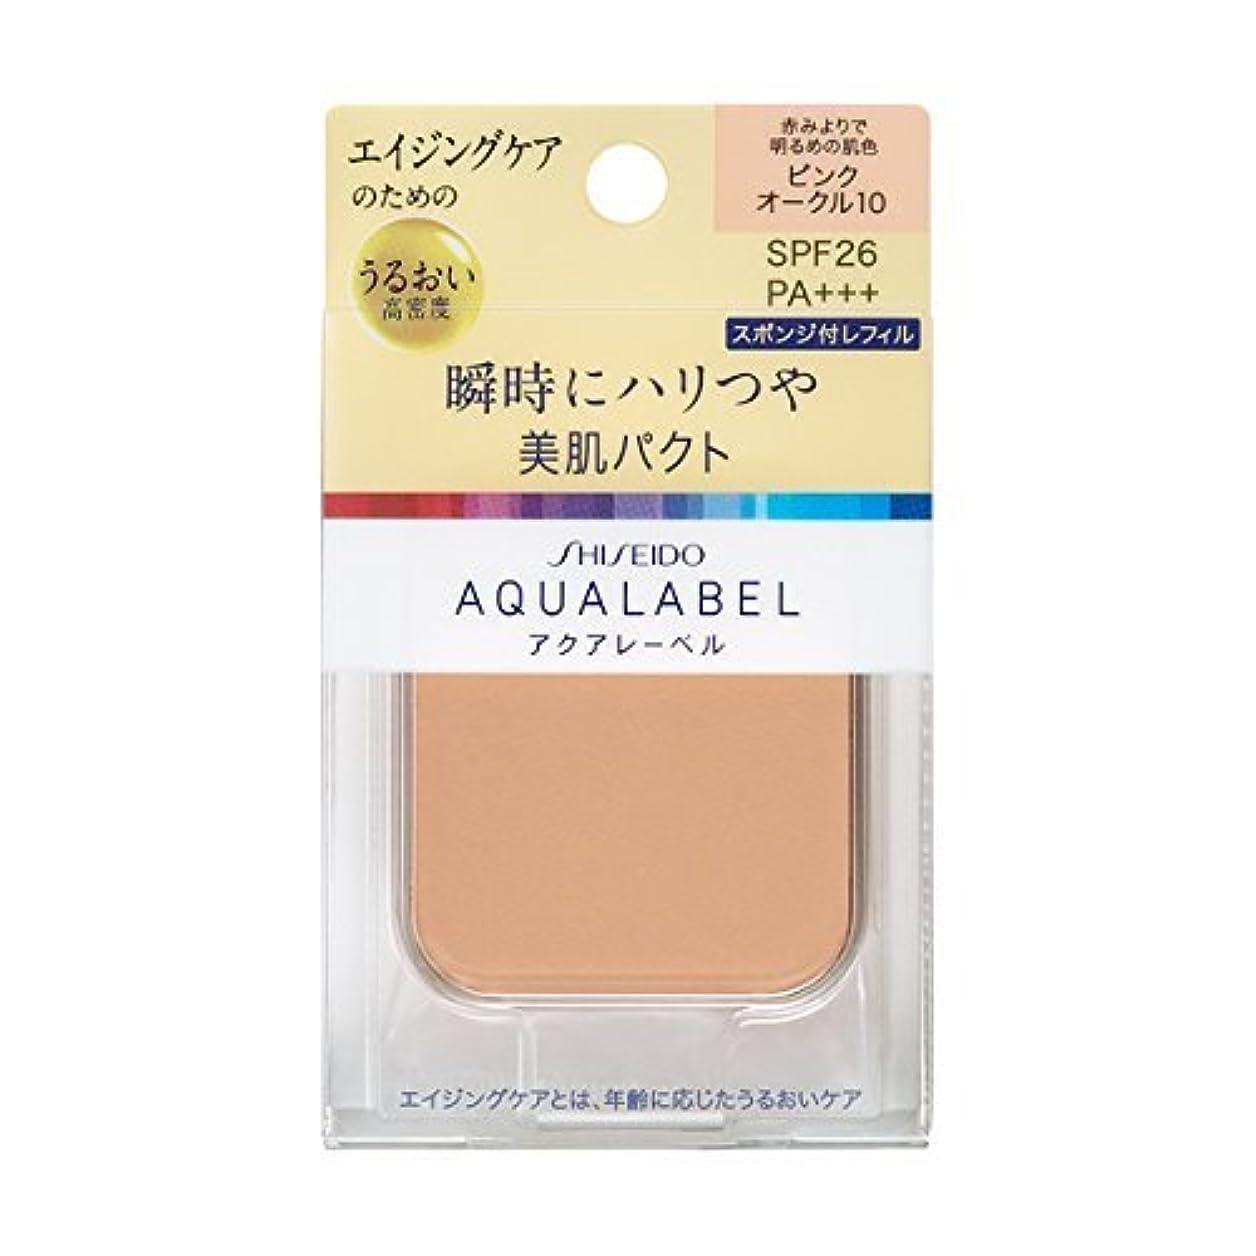 甥なる不規則性アクアレーベル 明るいつや肌パクト ピンクオークル10 (レフィル) 11.5g×6個